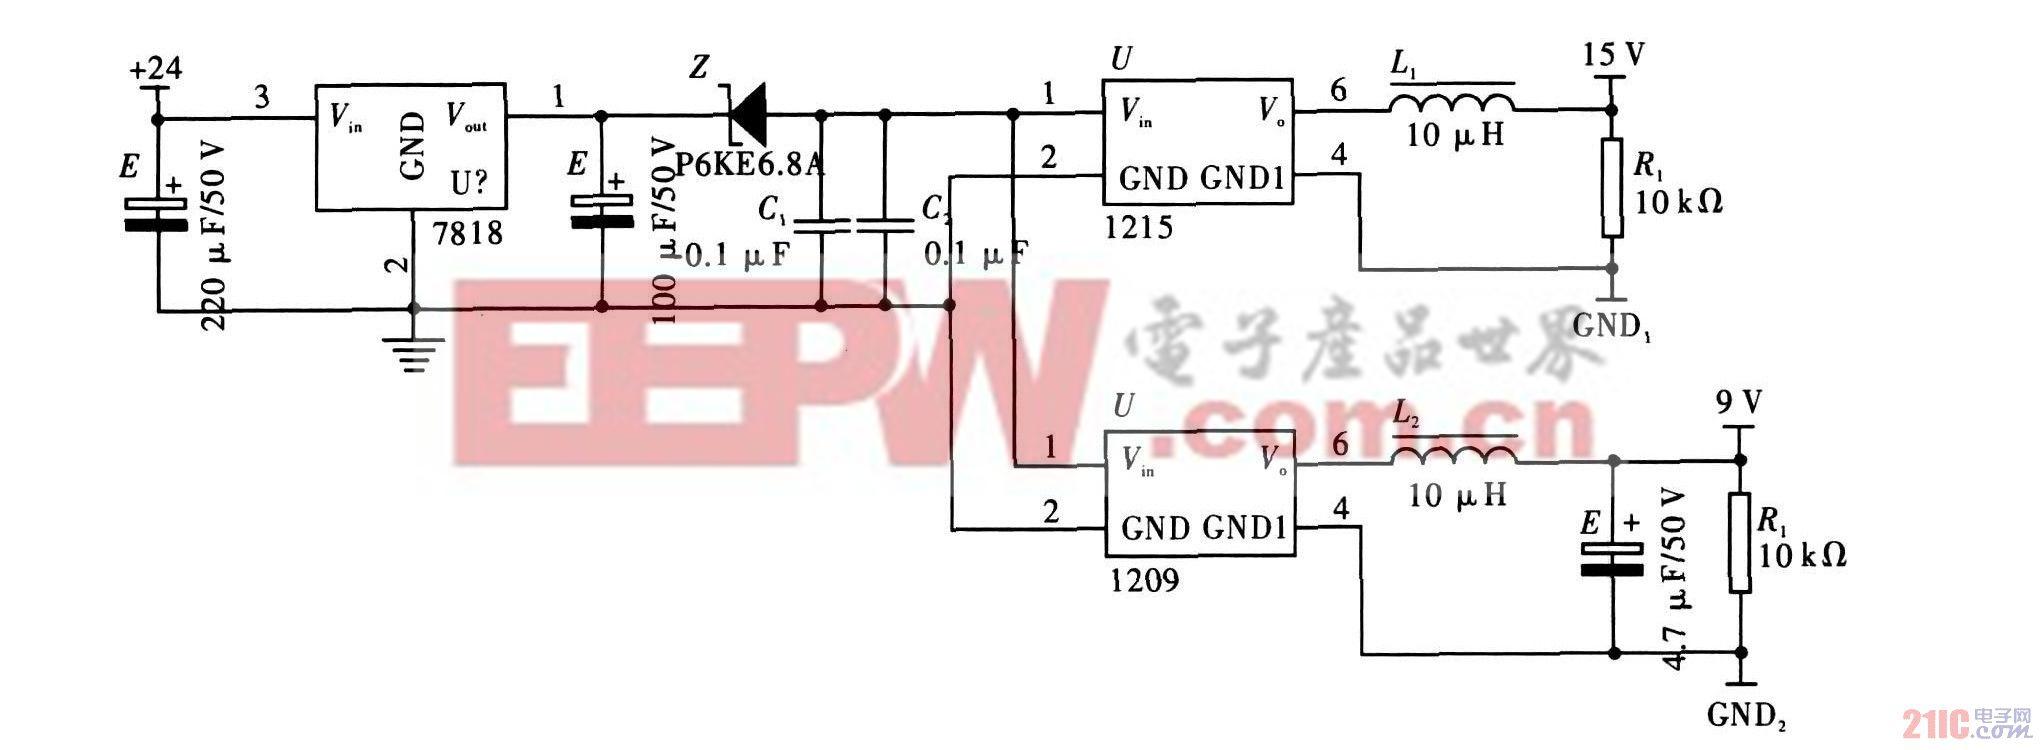 2.3 驱动电路   由于功率MOSFET 是压控元件, 具有输入阻抗大、开关速度快、无二次击穿现象等特点, 满足高速开关动作需求, 因此采用IR 公司的场效应管IRF9540和IRF540构成H 桥电路的桥臂。H 桥电路中的4个功率MOSFET 分别采用n沟道型和p沟道型, 设计的电路原理, 如图4所示。   数字电平上下跳变时, 集成电路耗电发生突变,引起电源产生毛刺。数字电路越复杂, 数据速率越高, 累计的电流跳变越强烈, 高频分量越丰富, 而普通印刷电路板不能完全吸收逻辑电平跳变产生的电压毛刺